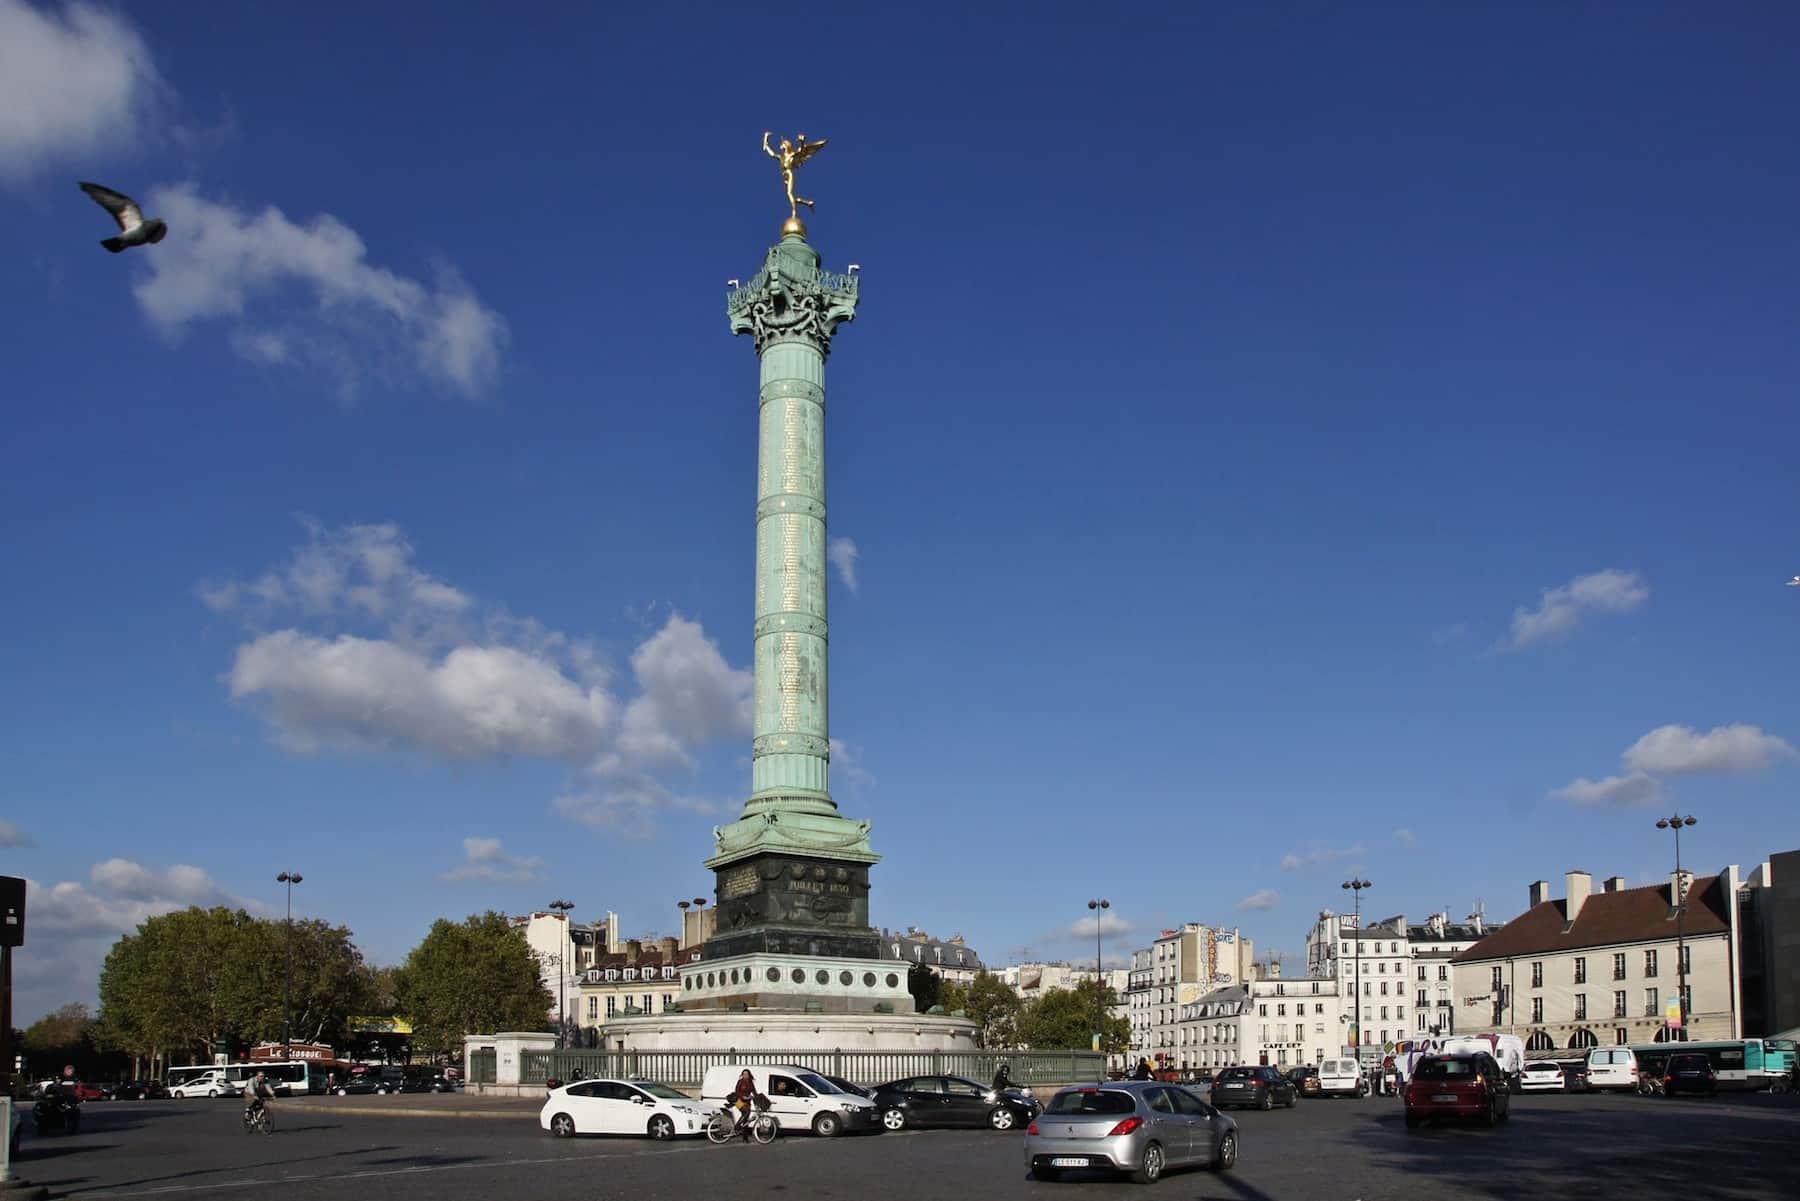 Sept places seront réaménagées à Paris d'ici 2020